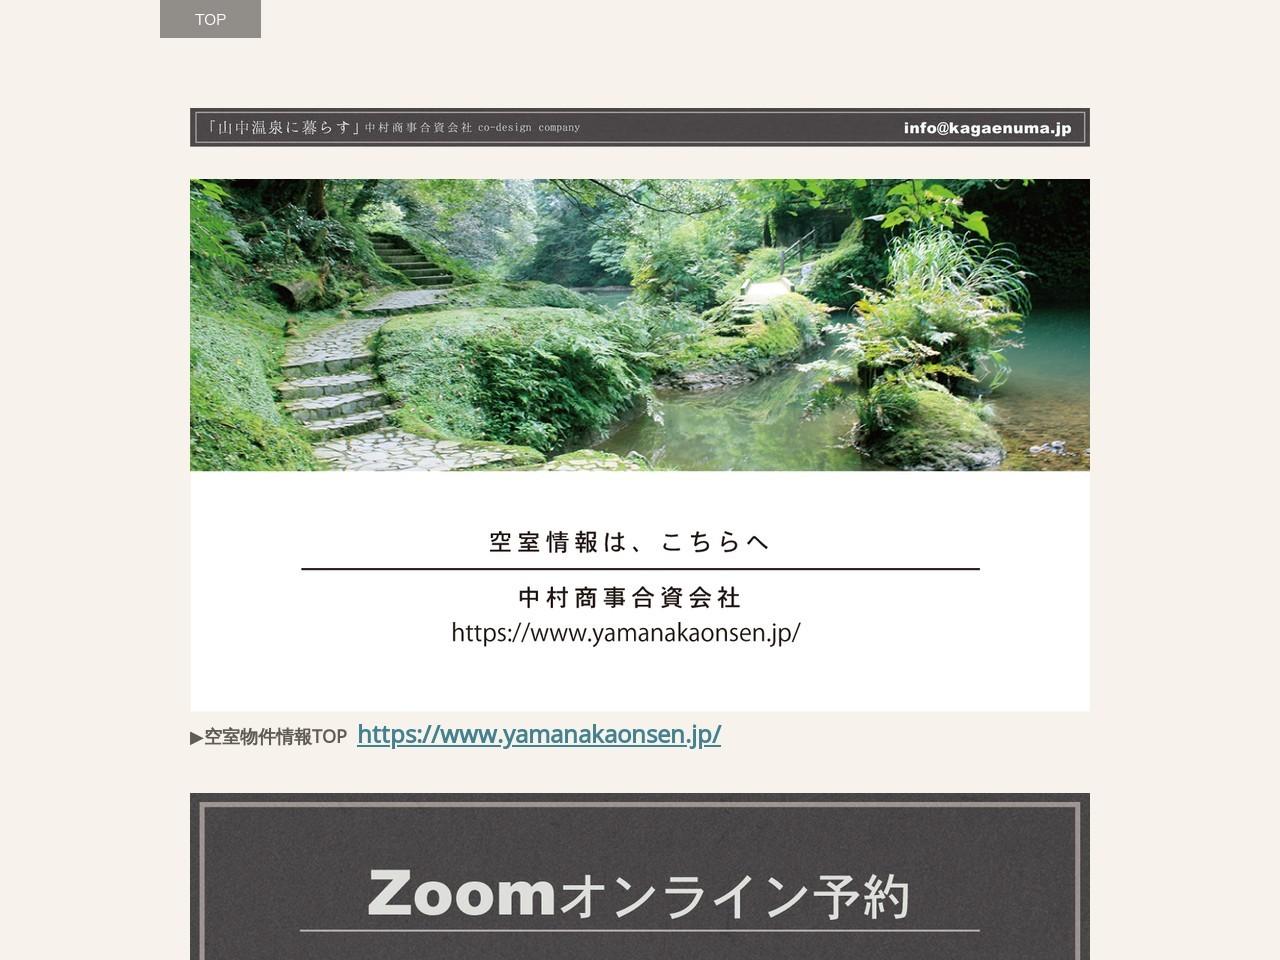 中村商事合資会社 - 山中温泉 不動産 賃貸 アパート 加賀市